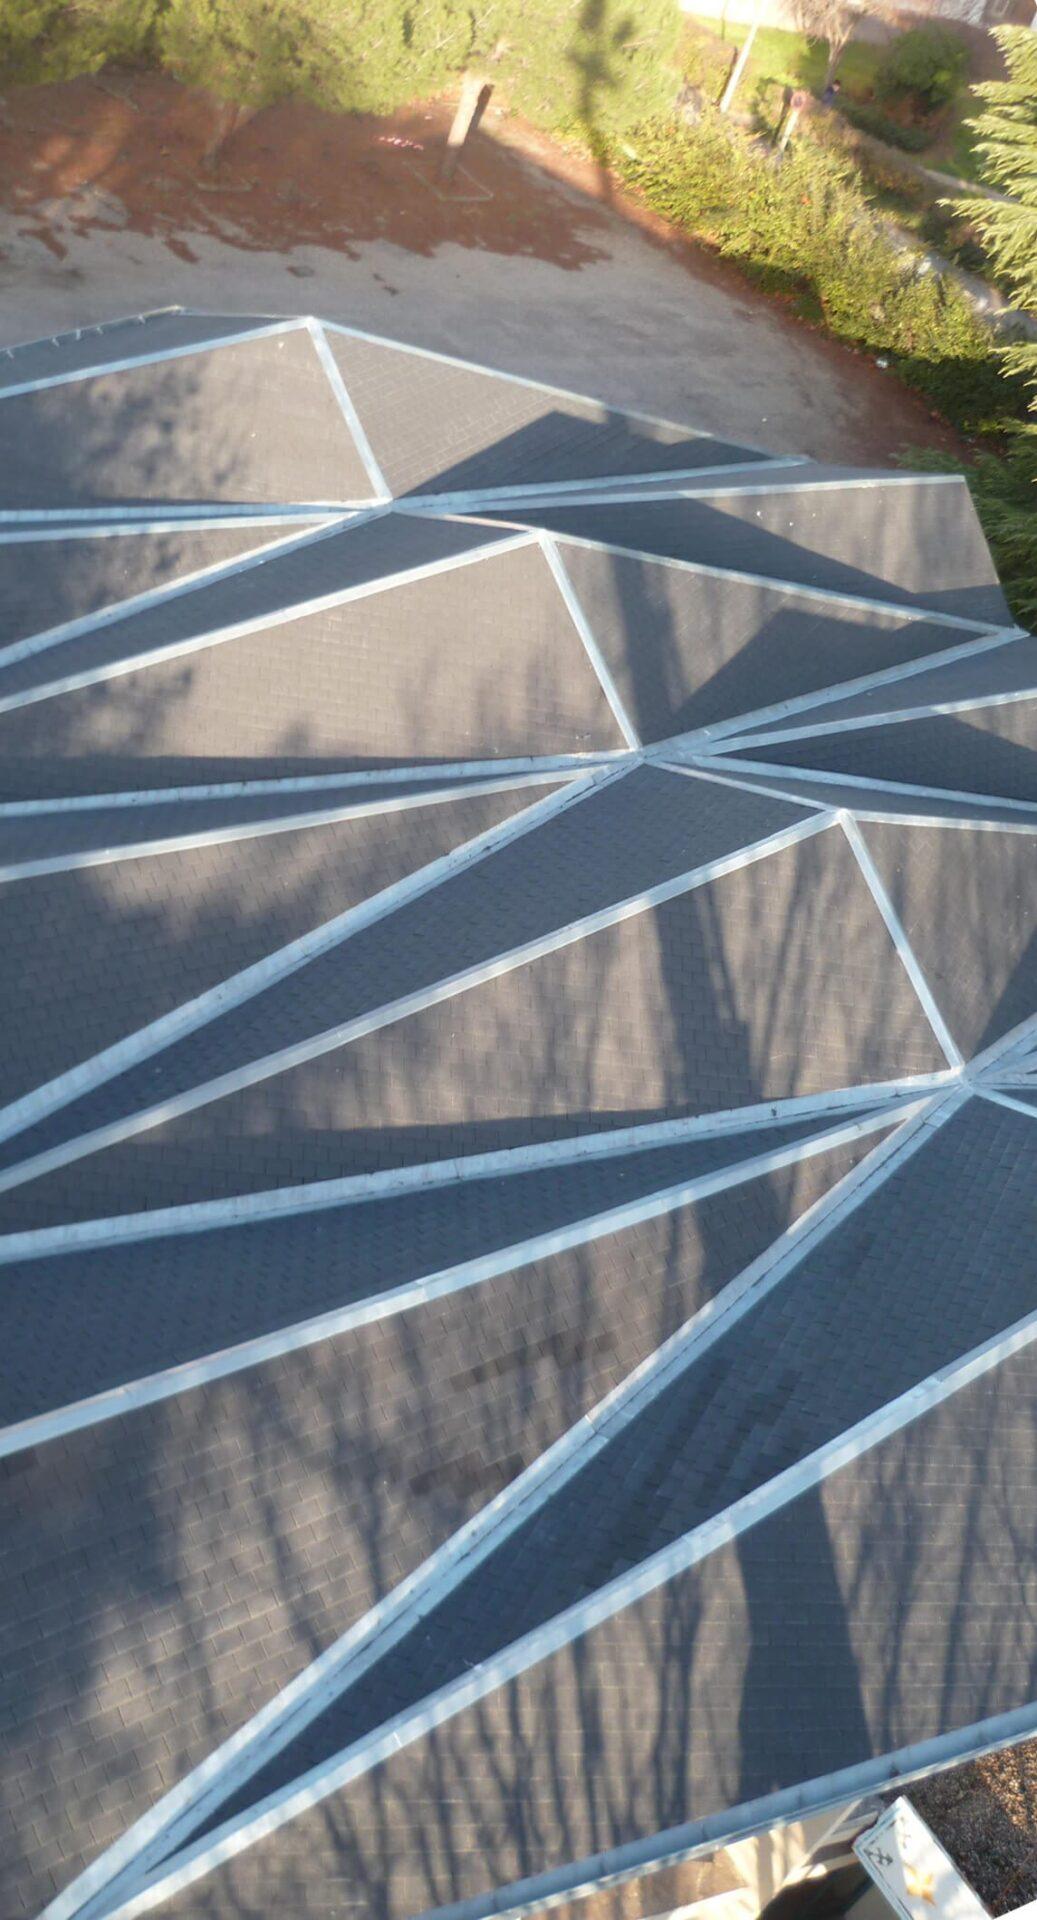 P1010575 copie - Réfection de la toiture et de la zinguerie de l'église de Saint Fons